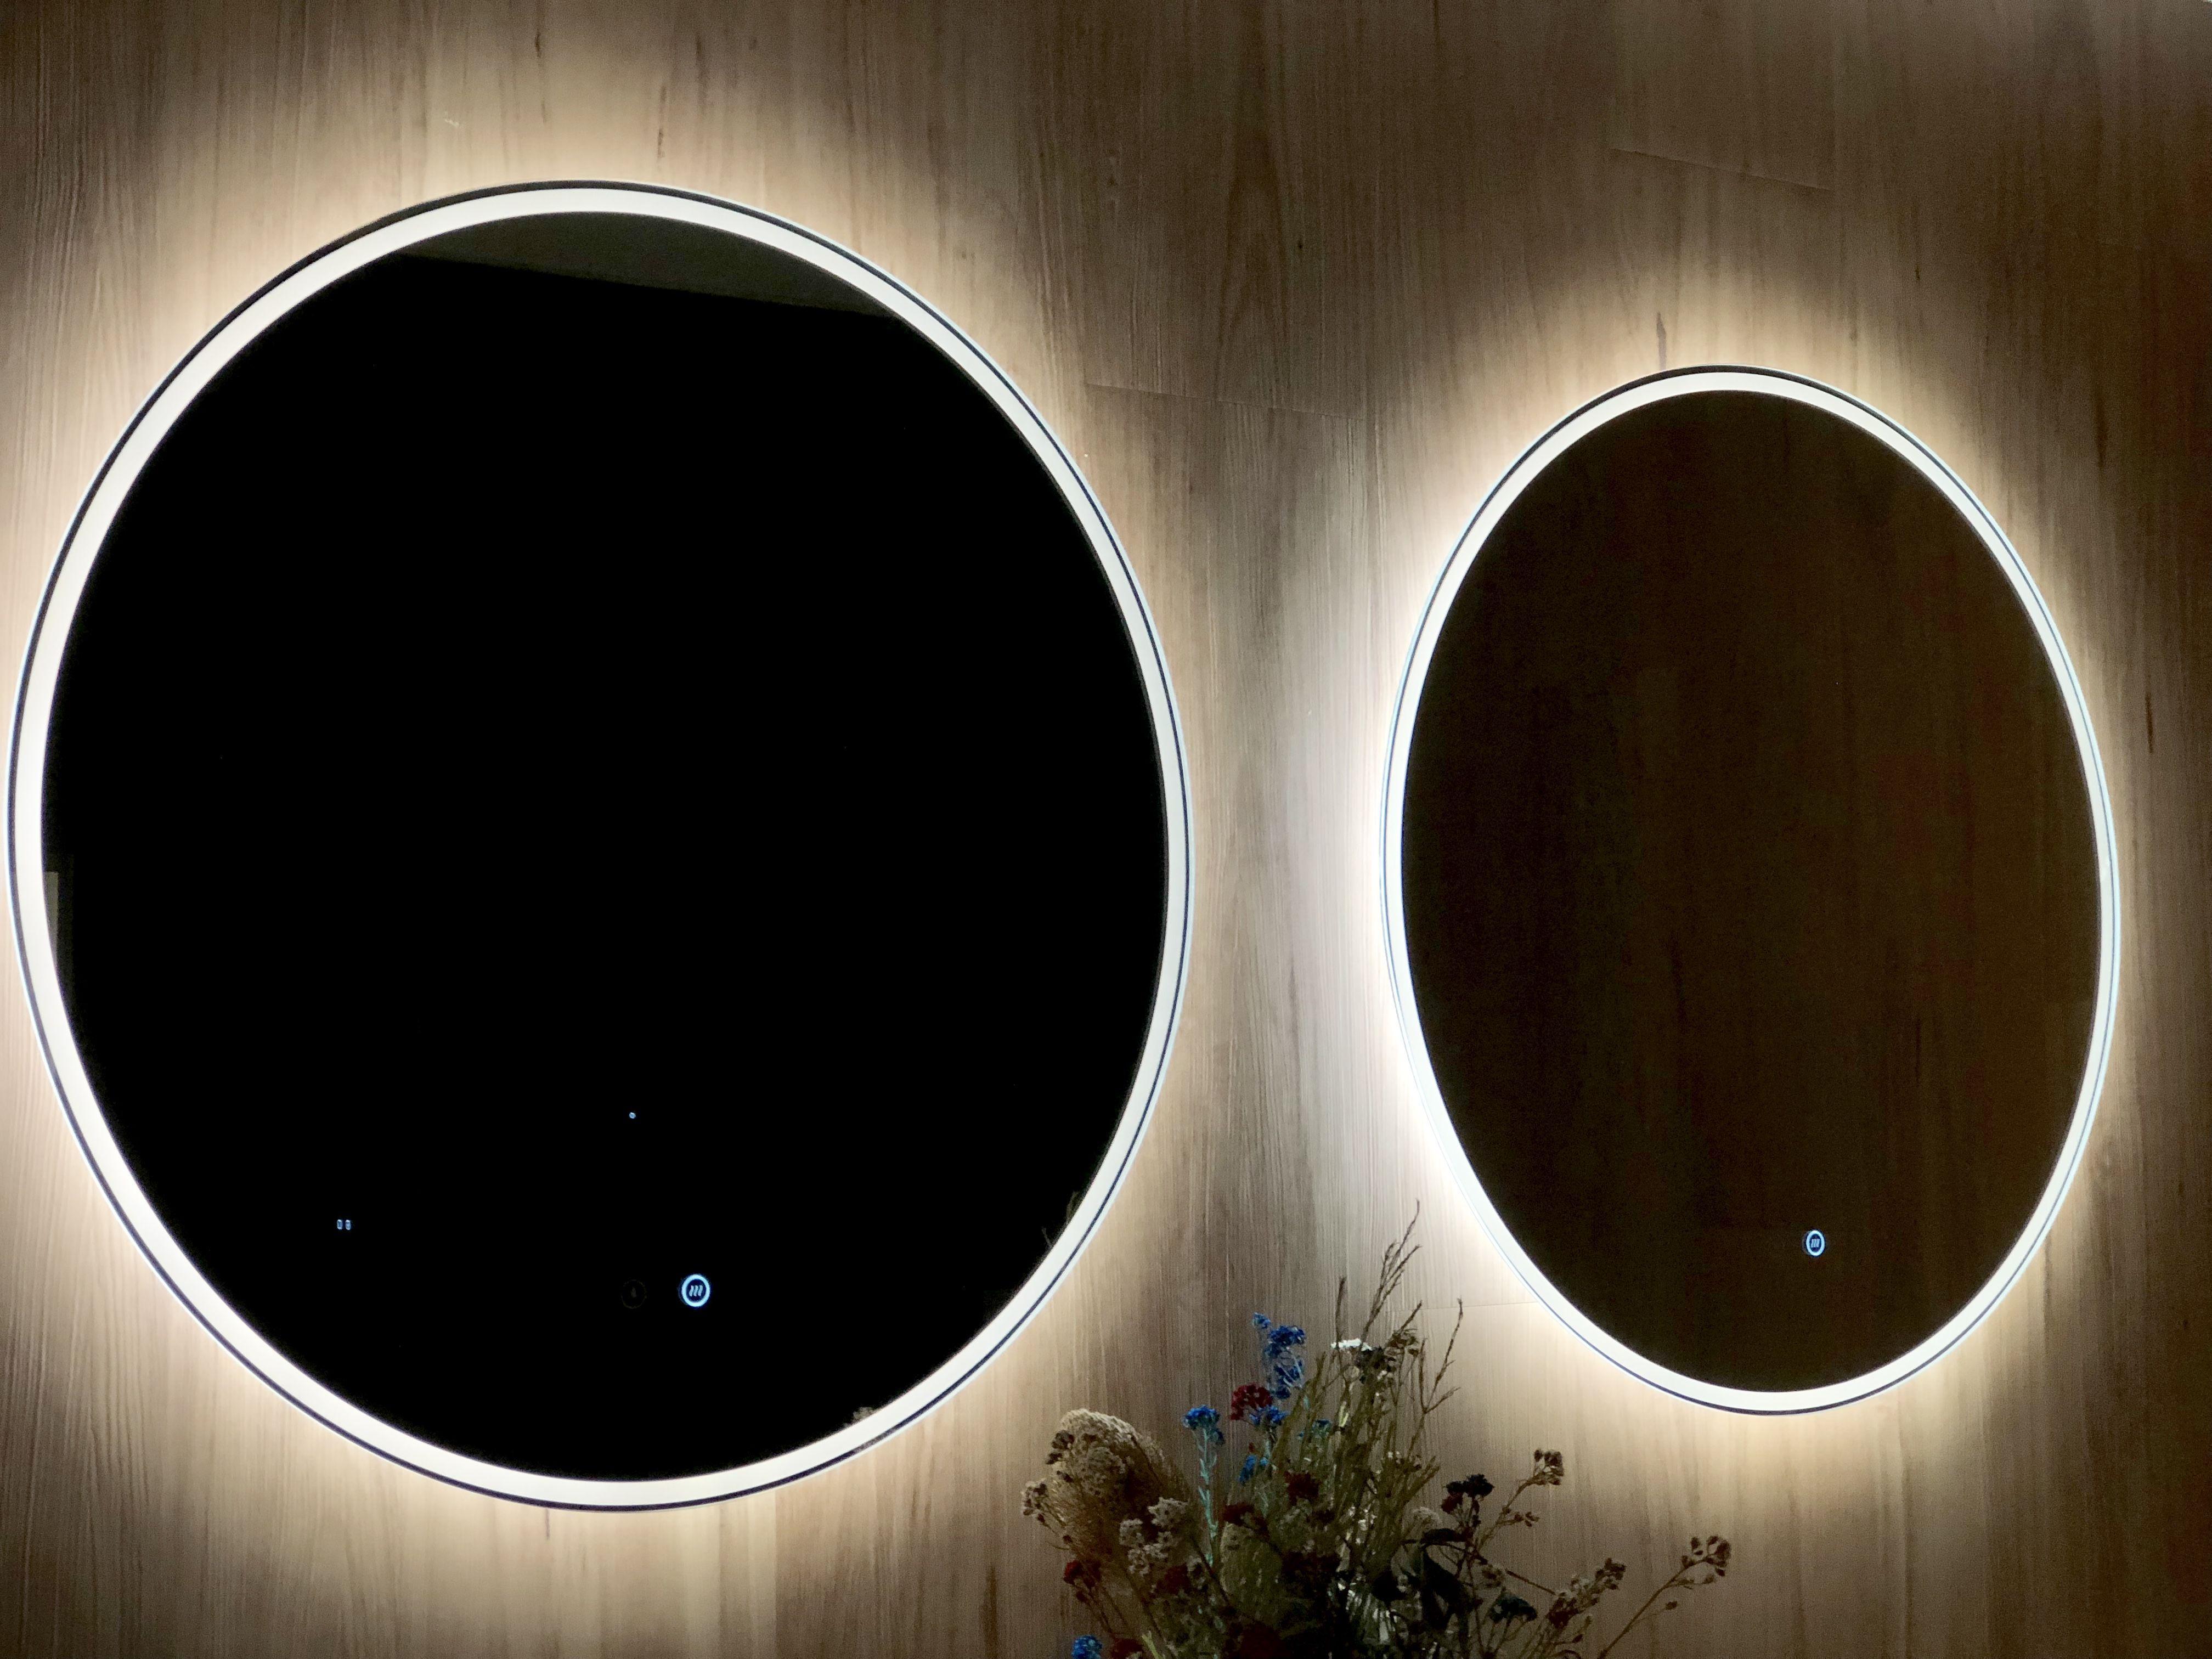 Backlit Mirror Remer Round A Mirror Circle Mirror Sphere Mirror Led Mirror Demister Pad Demister Mirror Smart Led Mirror Backlit Mirror Bathroom Mirror